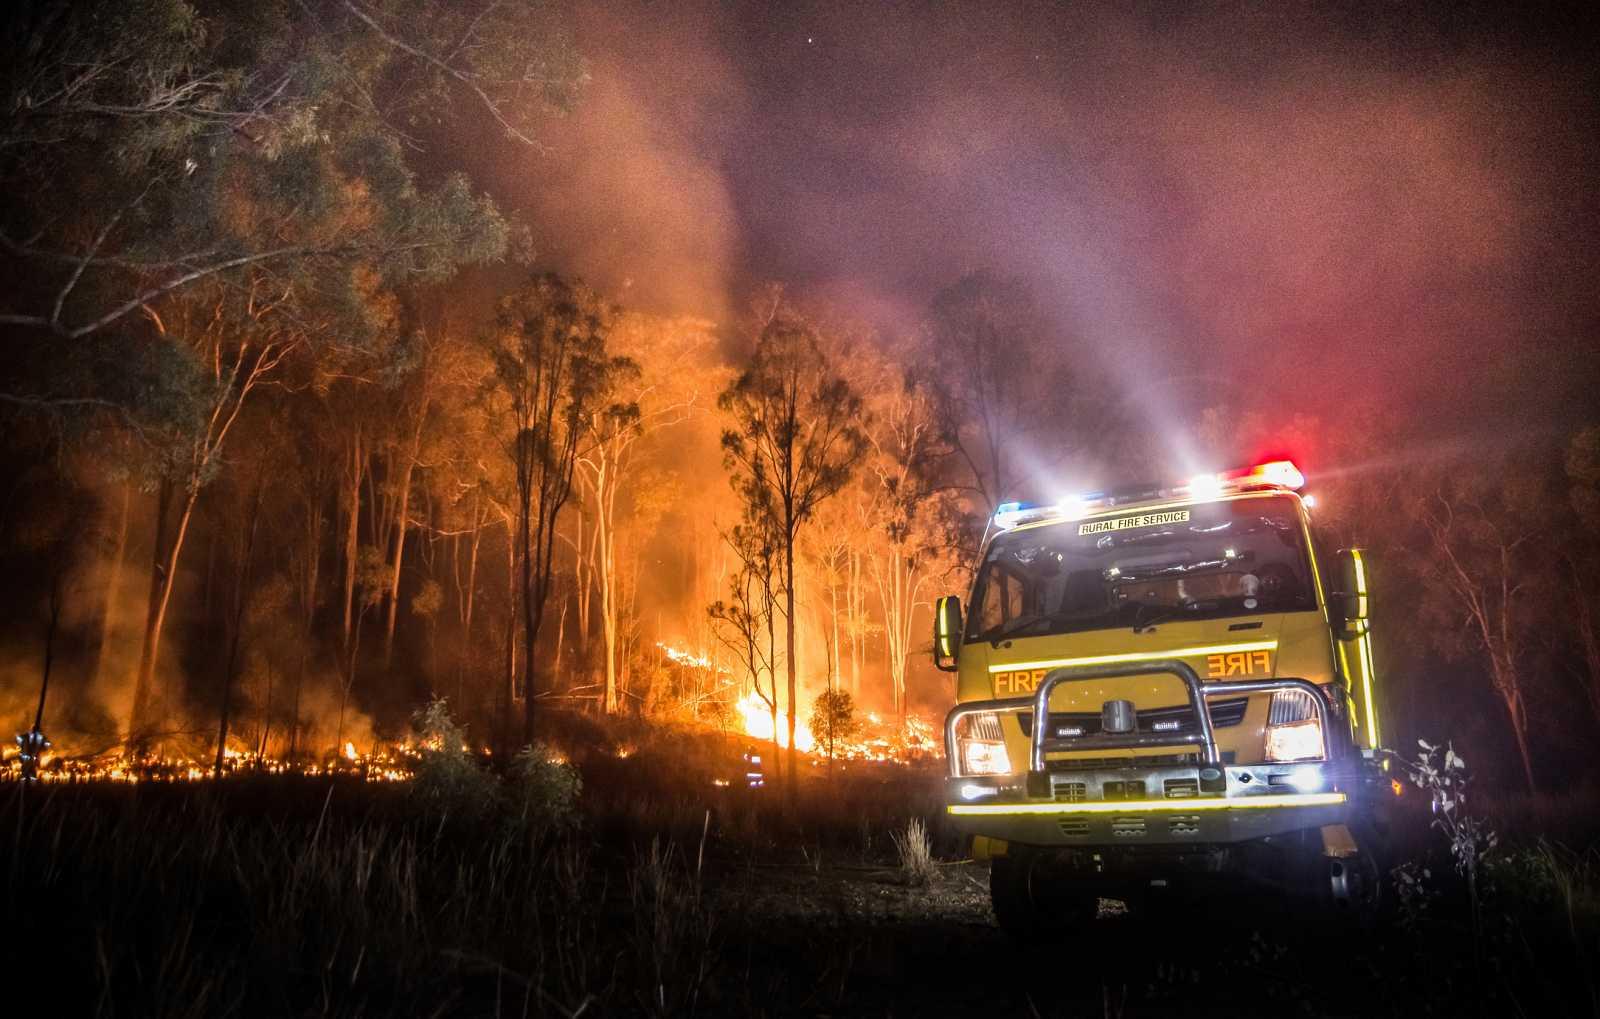 Imagen de un incendio en Australia, donde en enero se han registrado temperaturas muy altas.